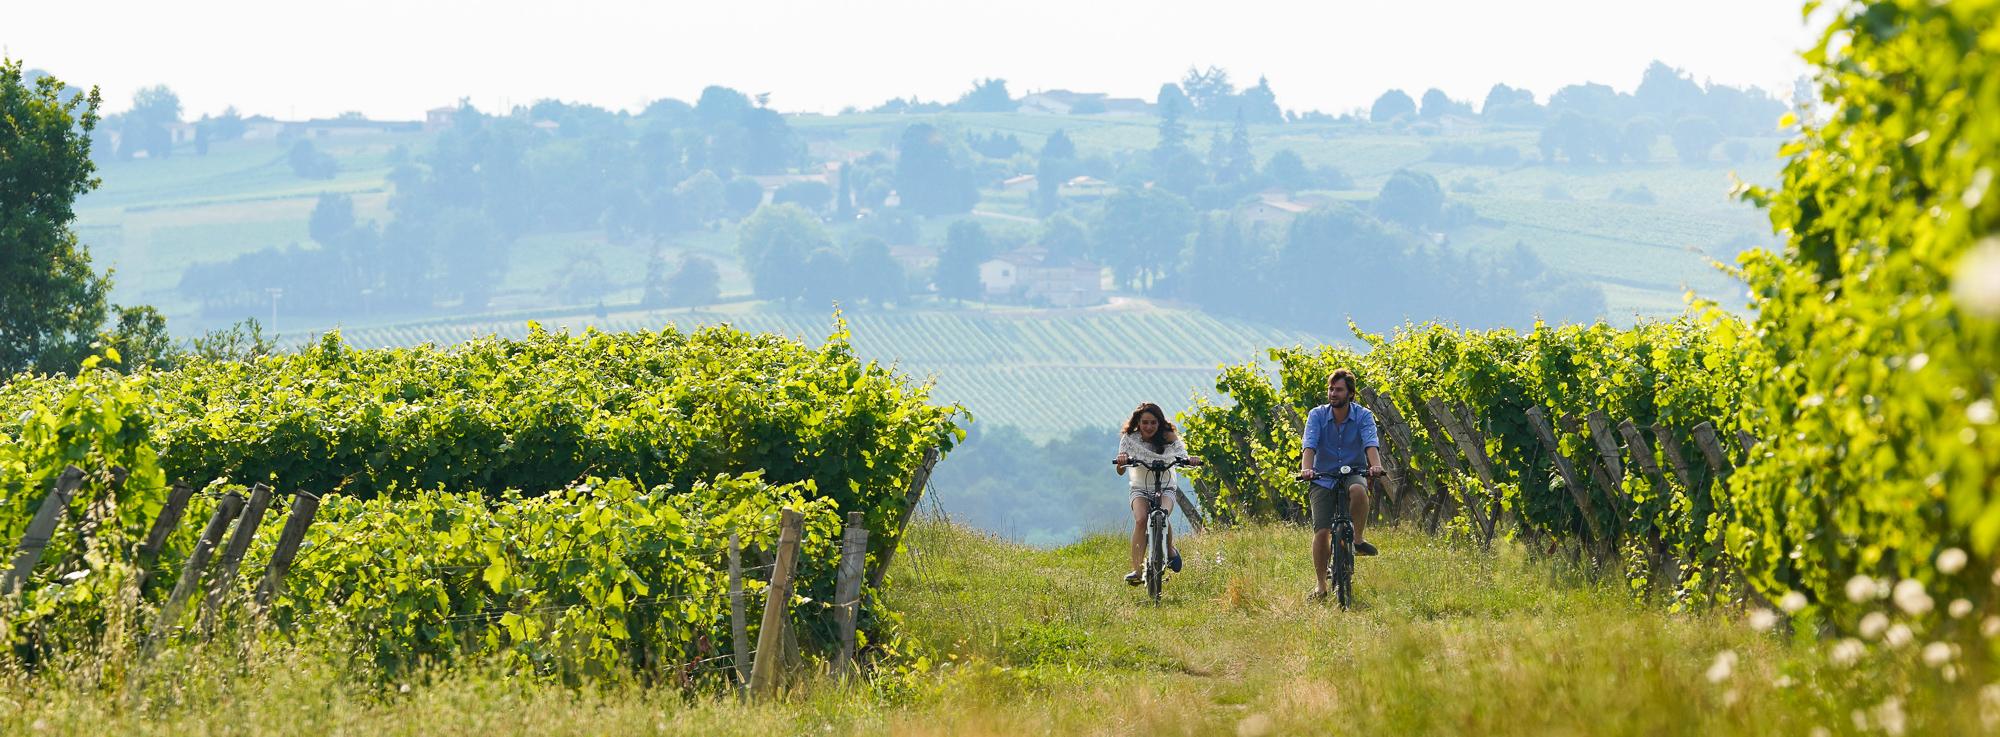 Bordeaux à vélo : Un week-end à vélo dans les vignes